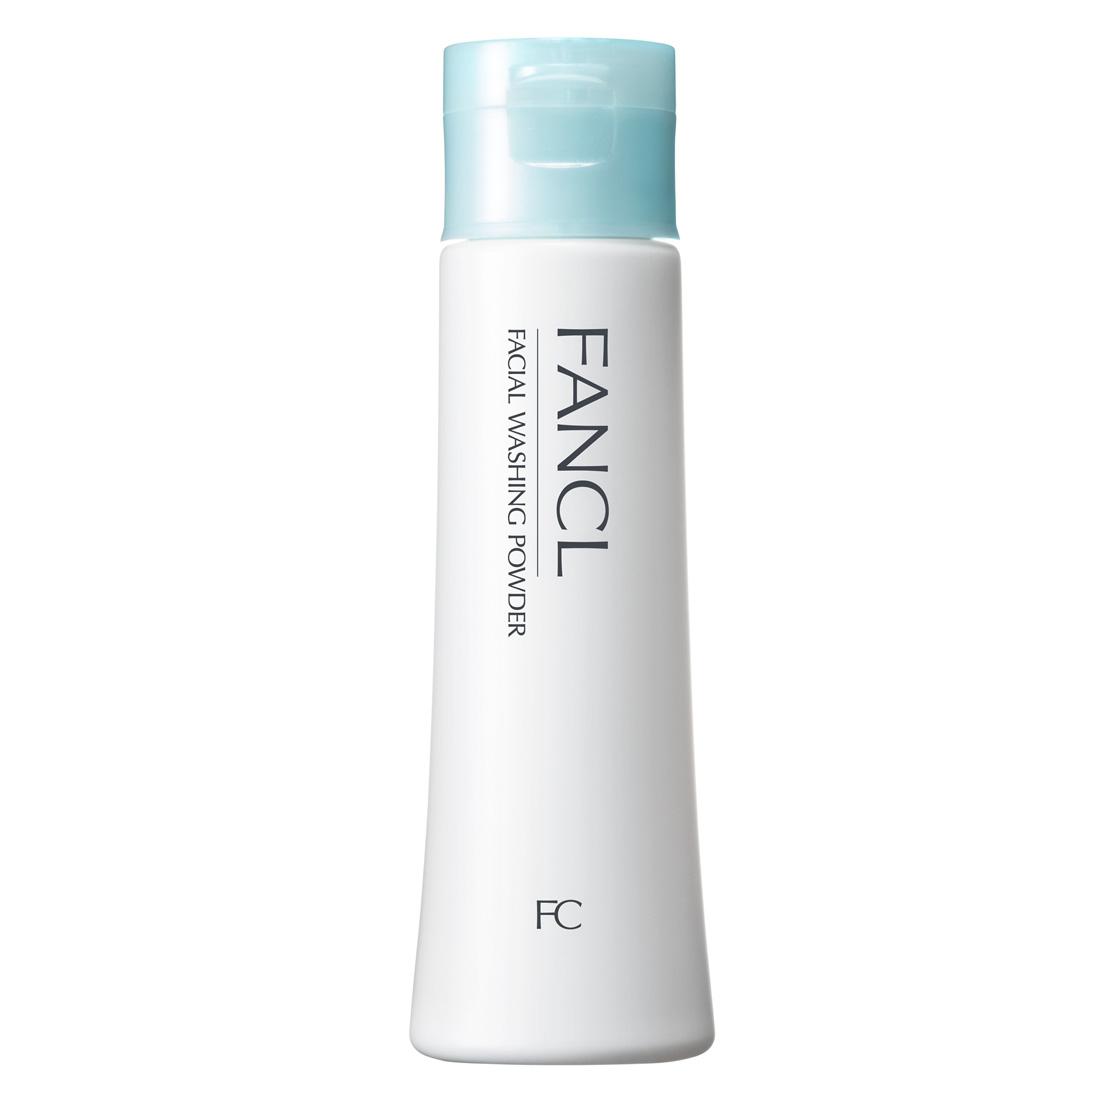 ѕудра дл¤ умывани¤ <br /> FANCL Facial Washing Powder